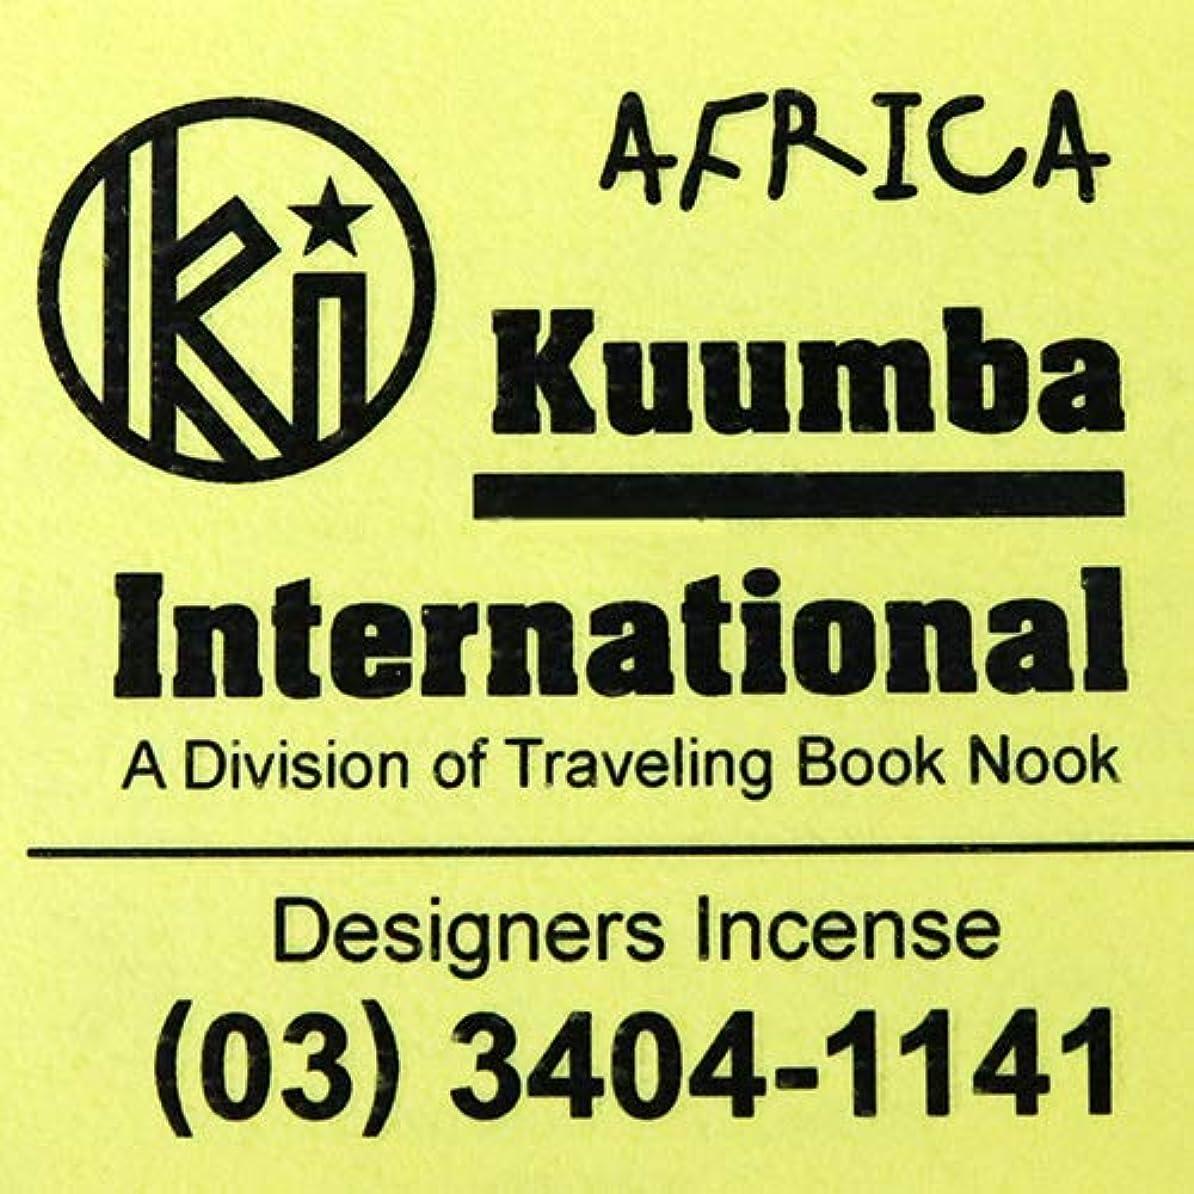 つぼみ傀儡漁師(クンバ) KUUMBA『incense』(AFRICA) (AFRICA, Regular size)